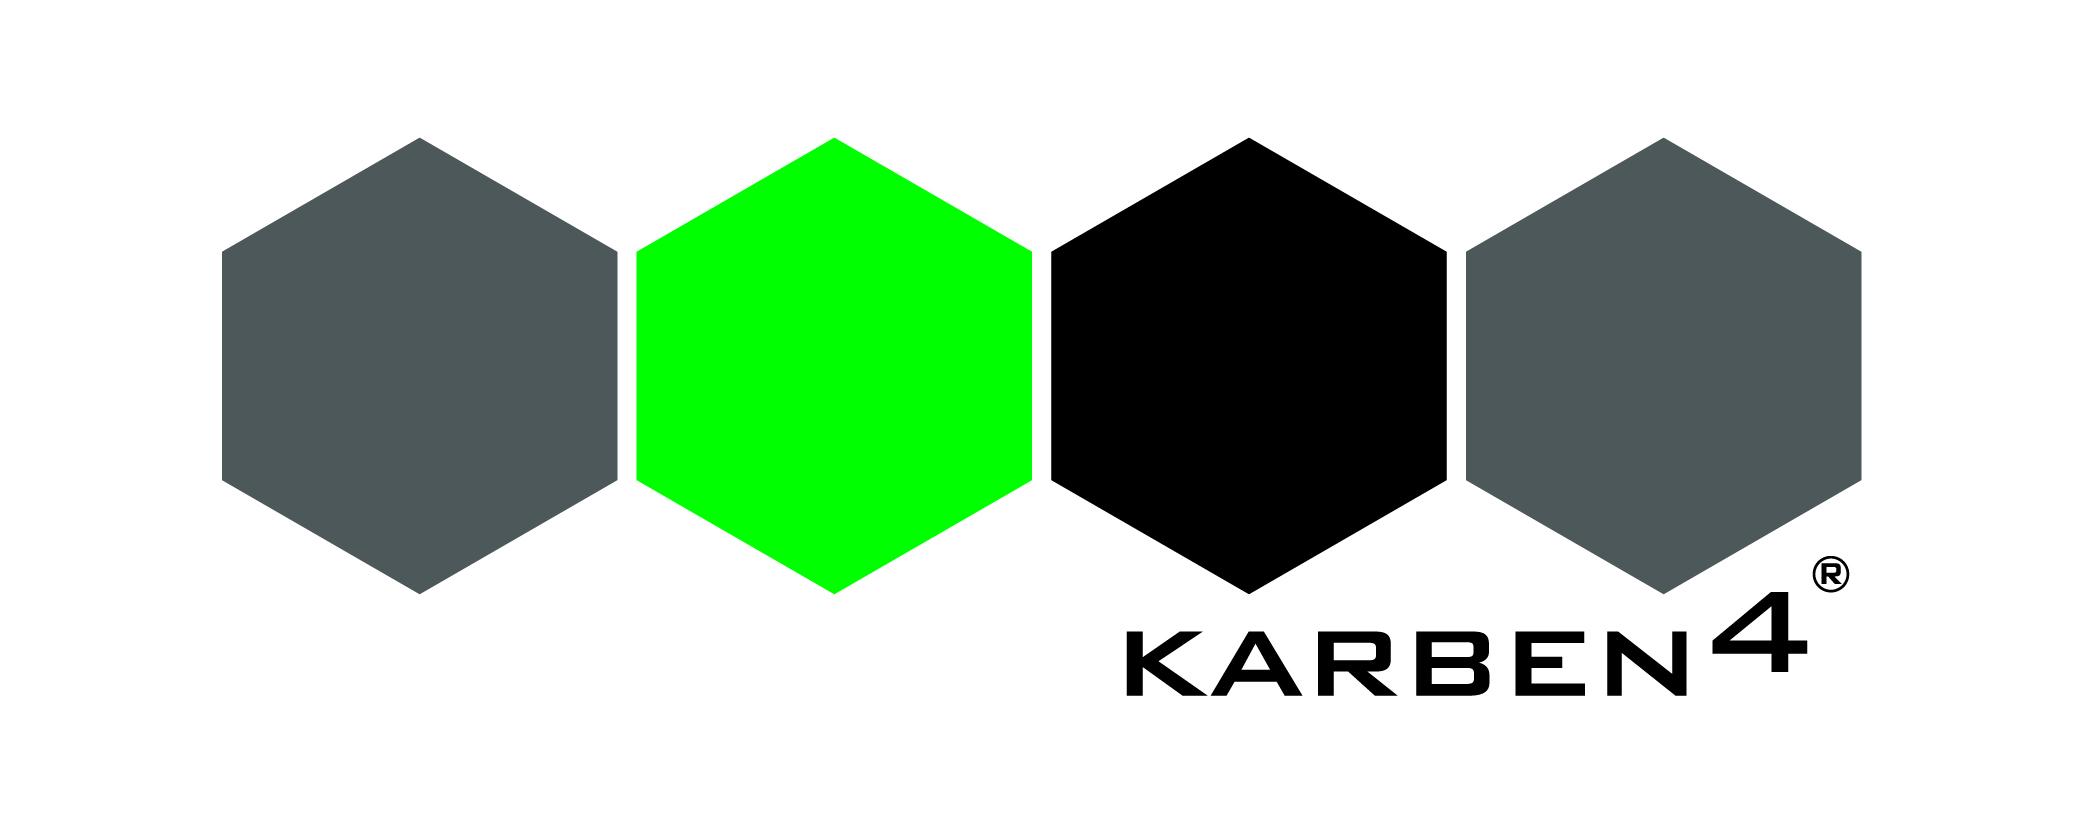 Karben4 logo